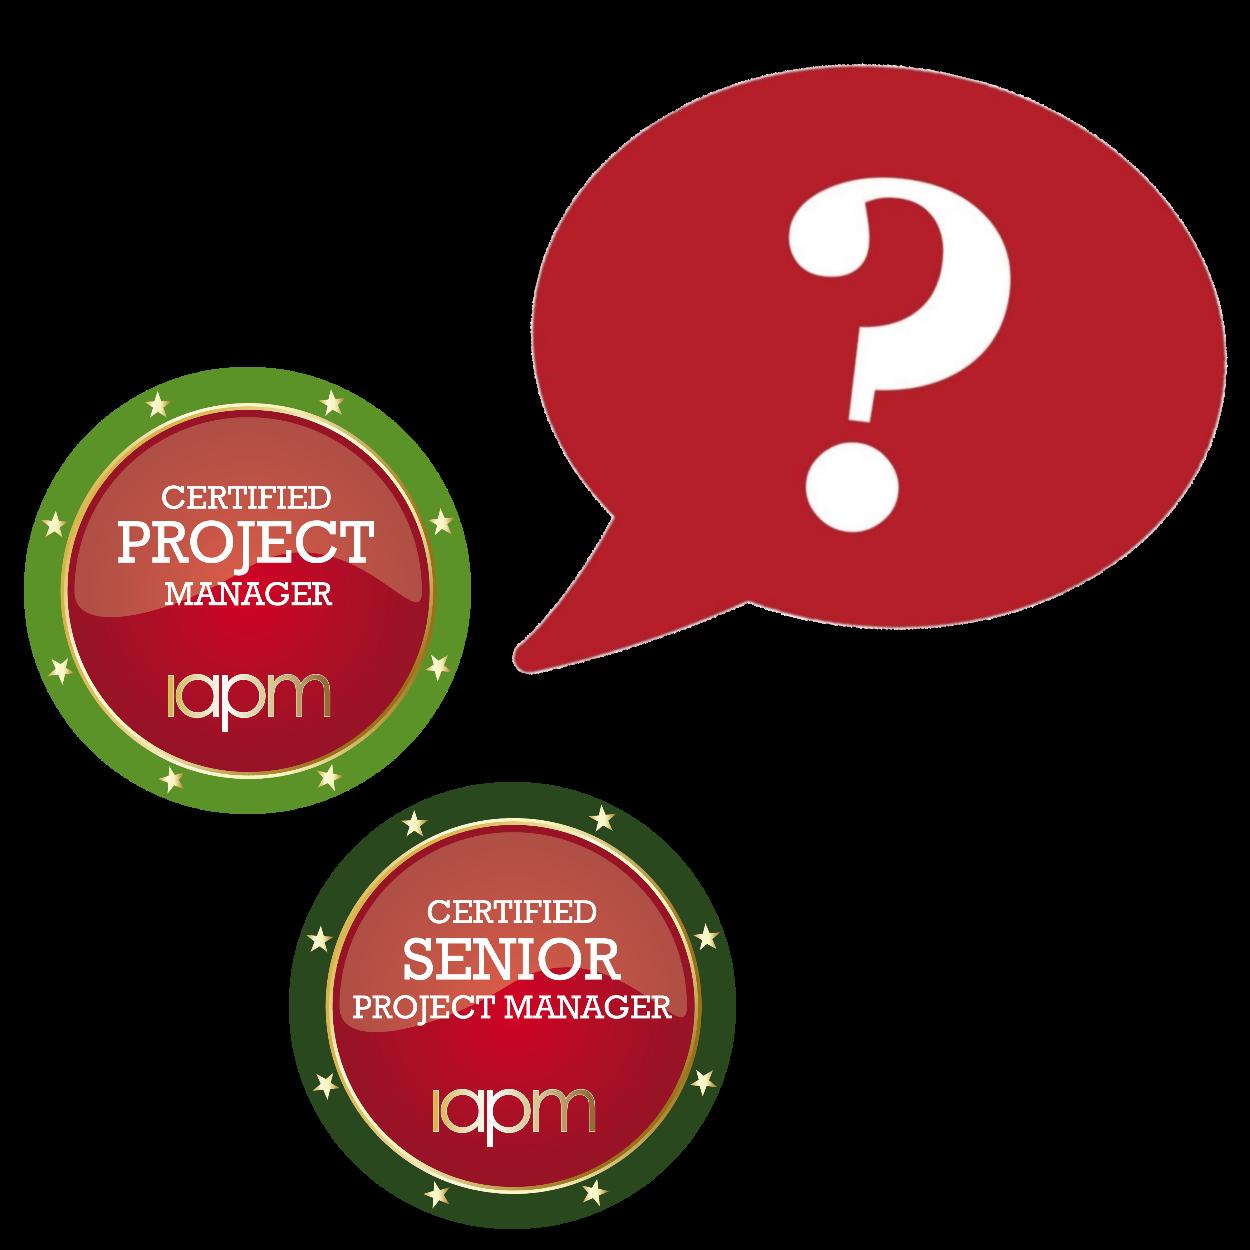 Weblearning-Plattform zur Vorbereitung auf die Zertifizierungen zum Certified Project Manager (IAPM) und Certified Senior Project Manager (IAPM)